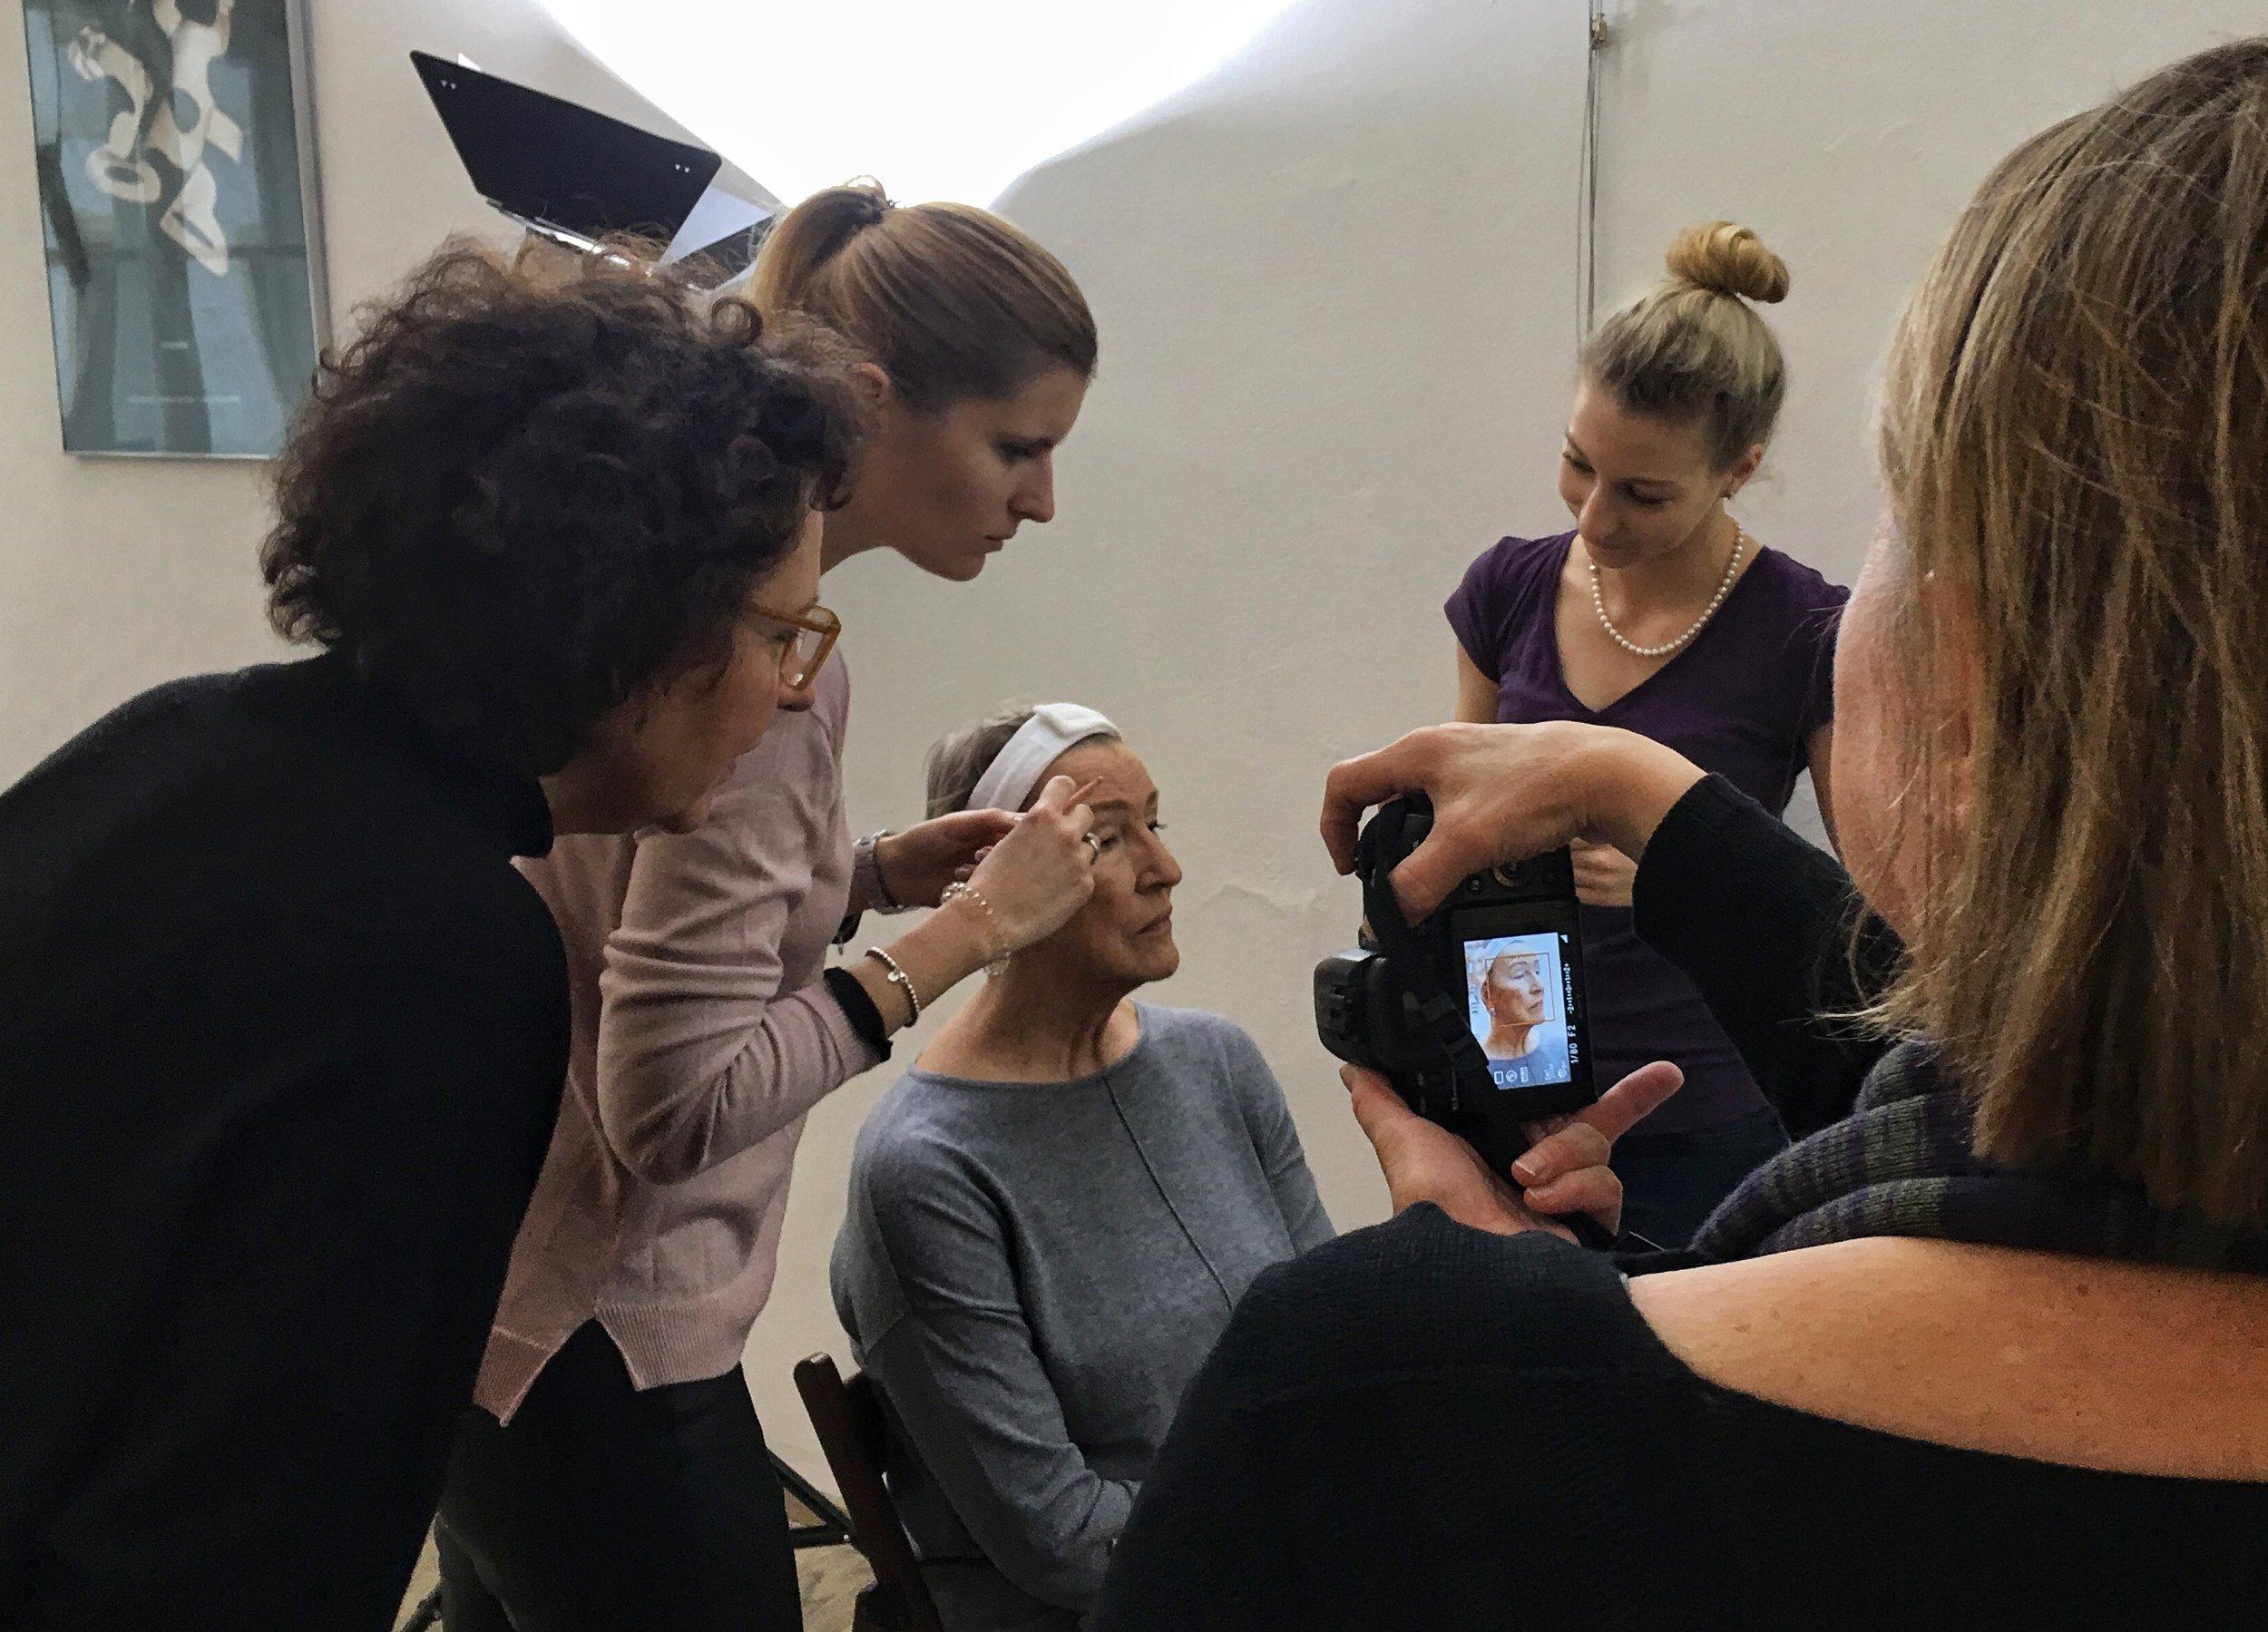 Foto Make Up im Fotokurs für Frauen der LIK Akademie für Foto und Design GmbH